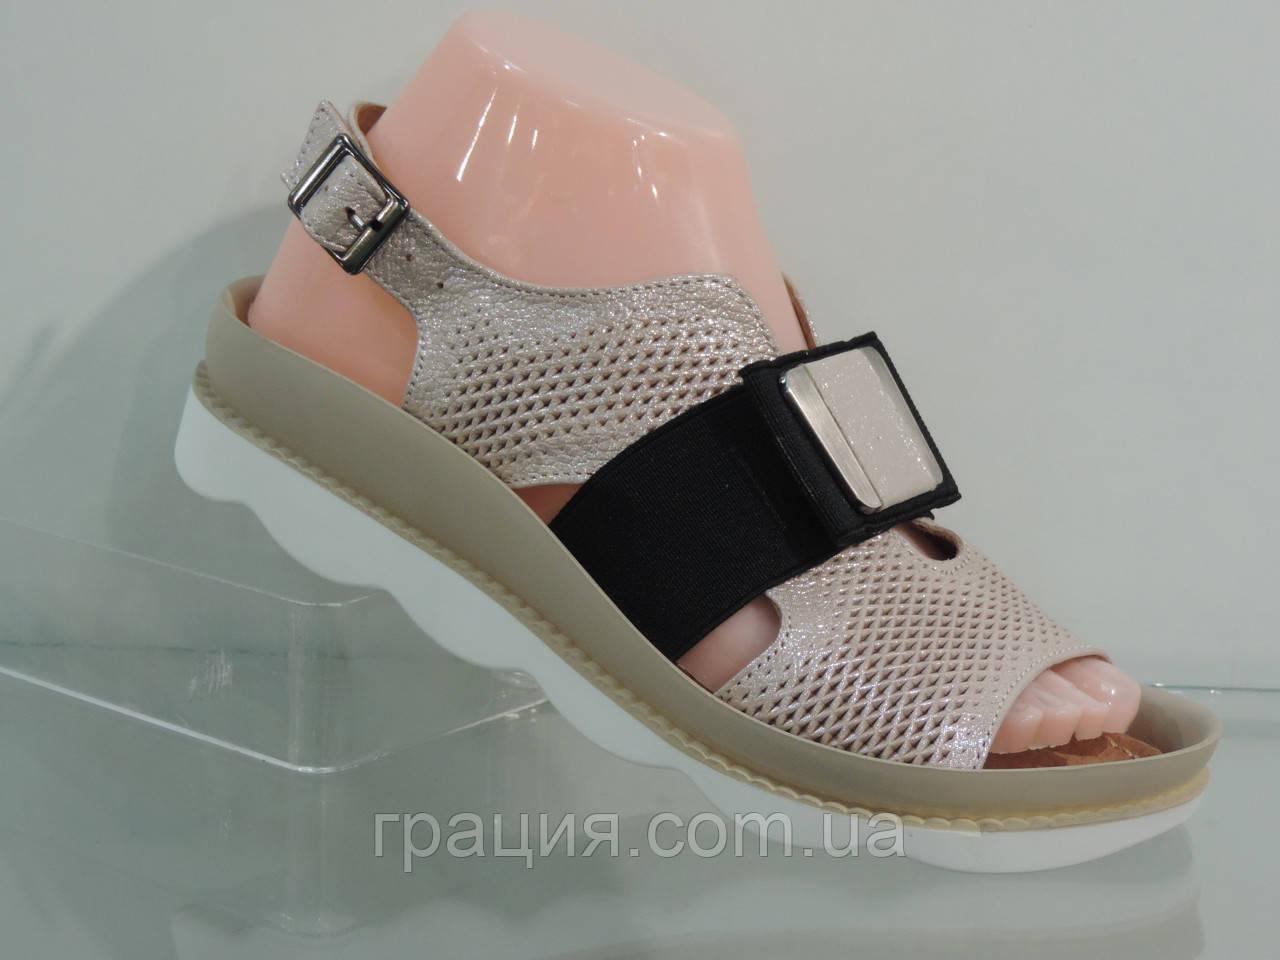 Женские модные  кожаные босоножки с резинкой на подъеме